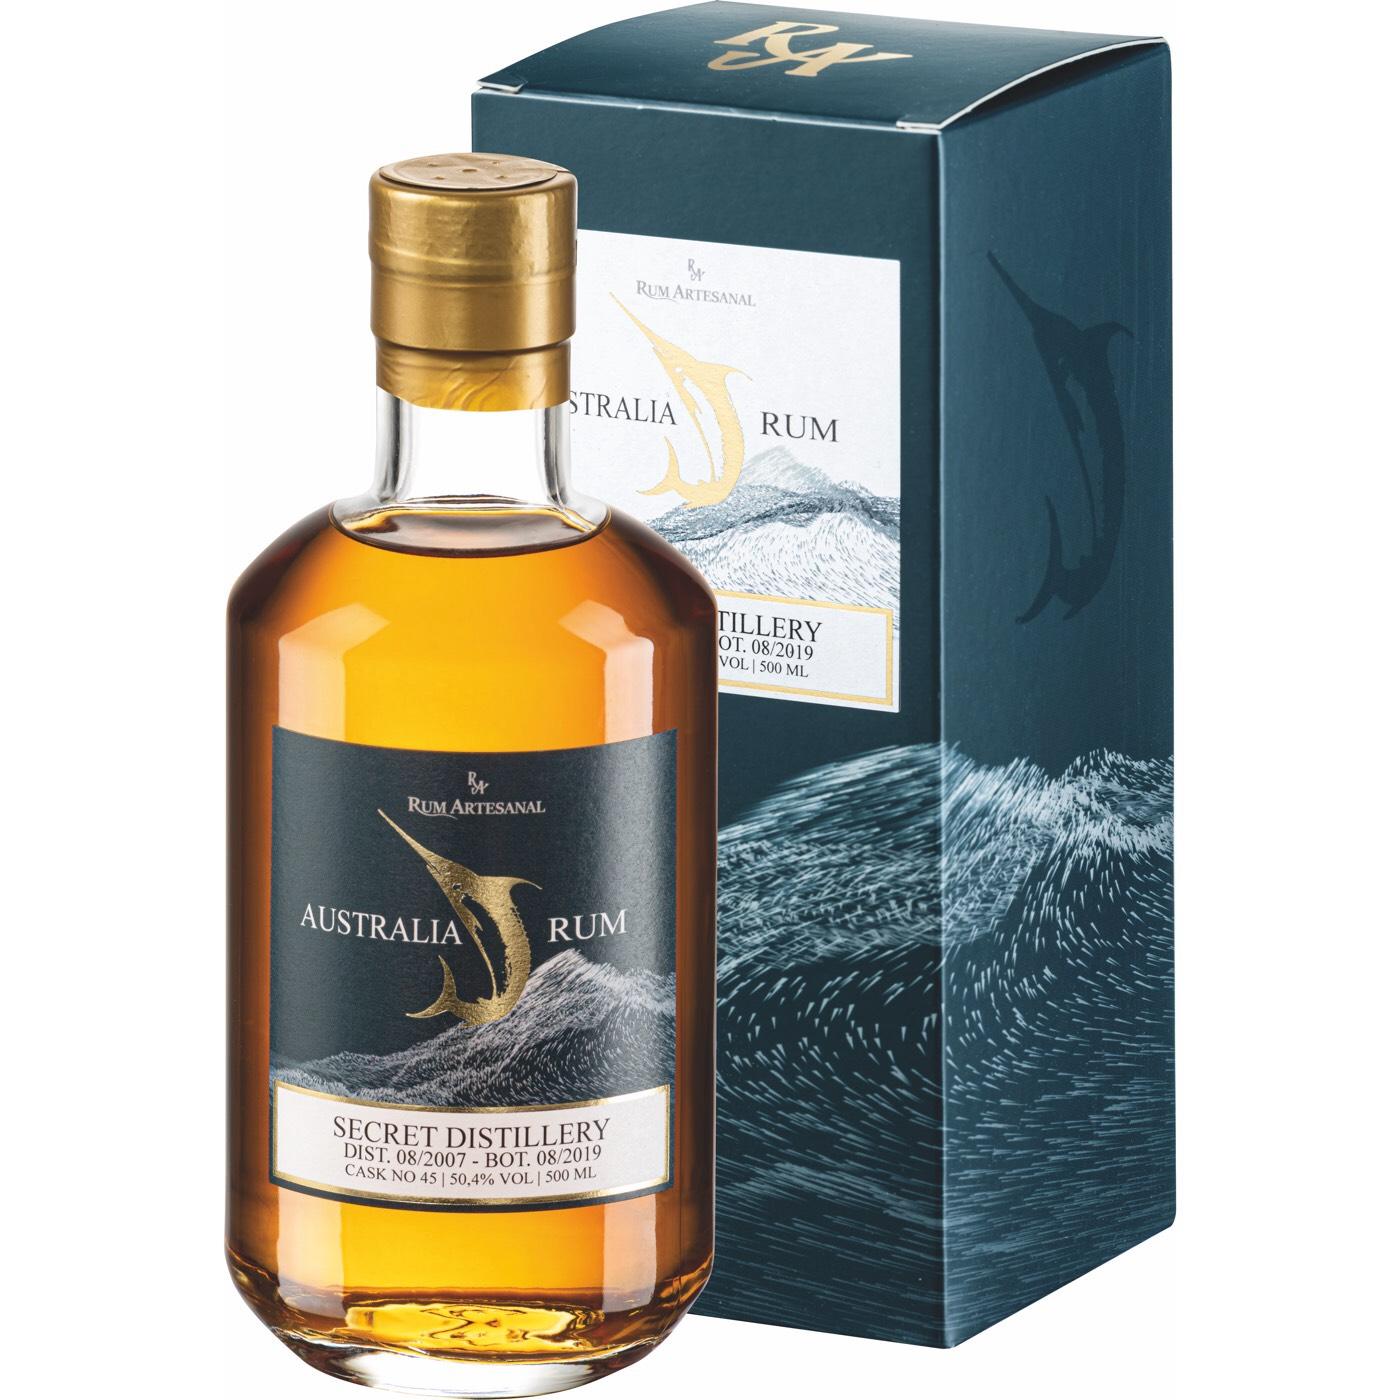 Bottle image of Rum Artesanal Australia Rum MAIC10